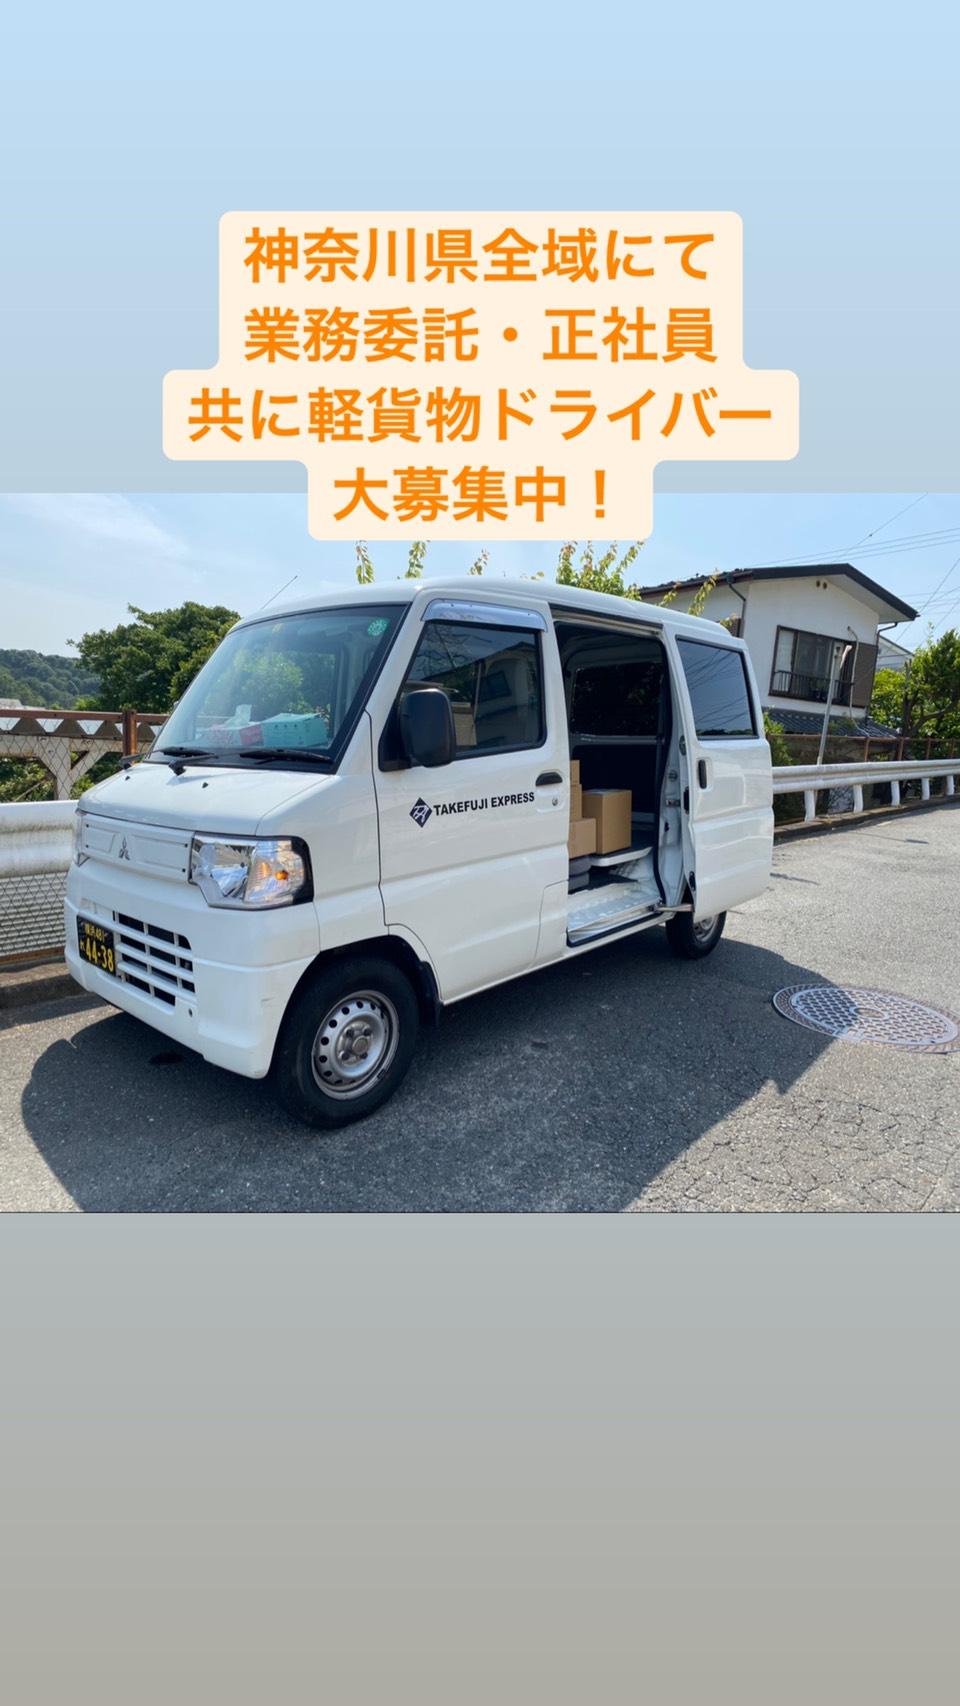 神奈川県全域にて業務委託・正社員、共に軽貨物ドライバー大募集中!